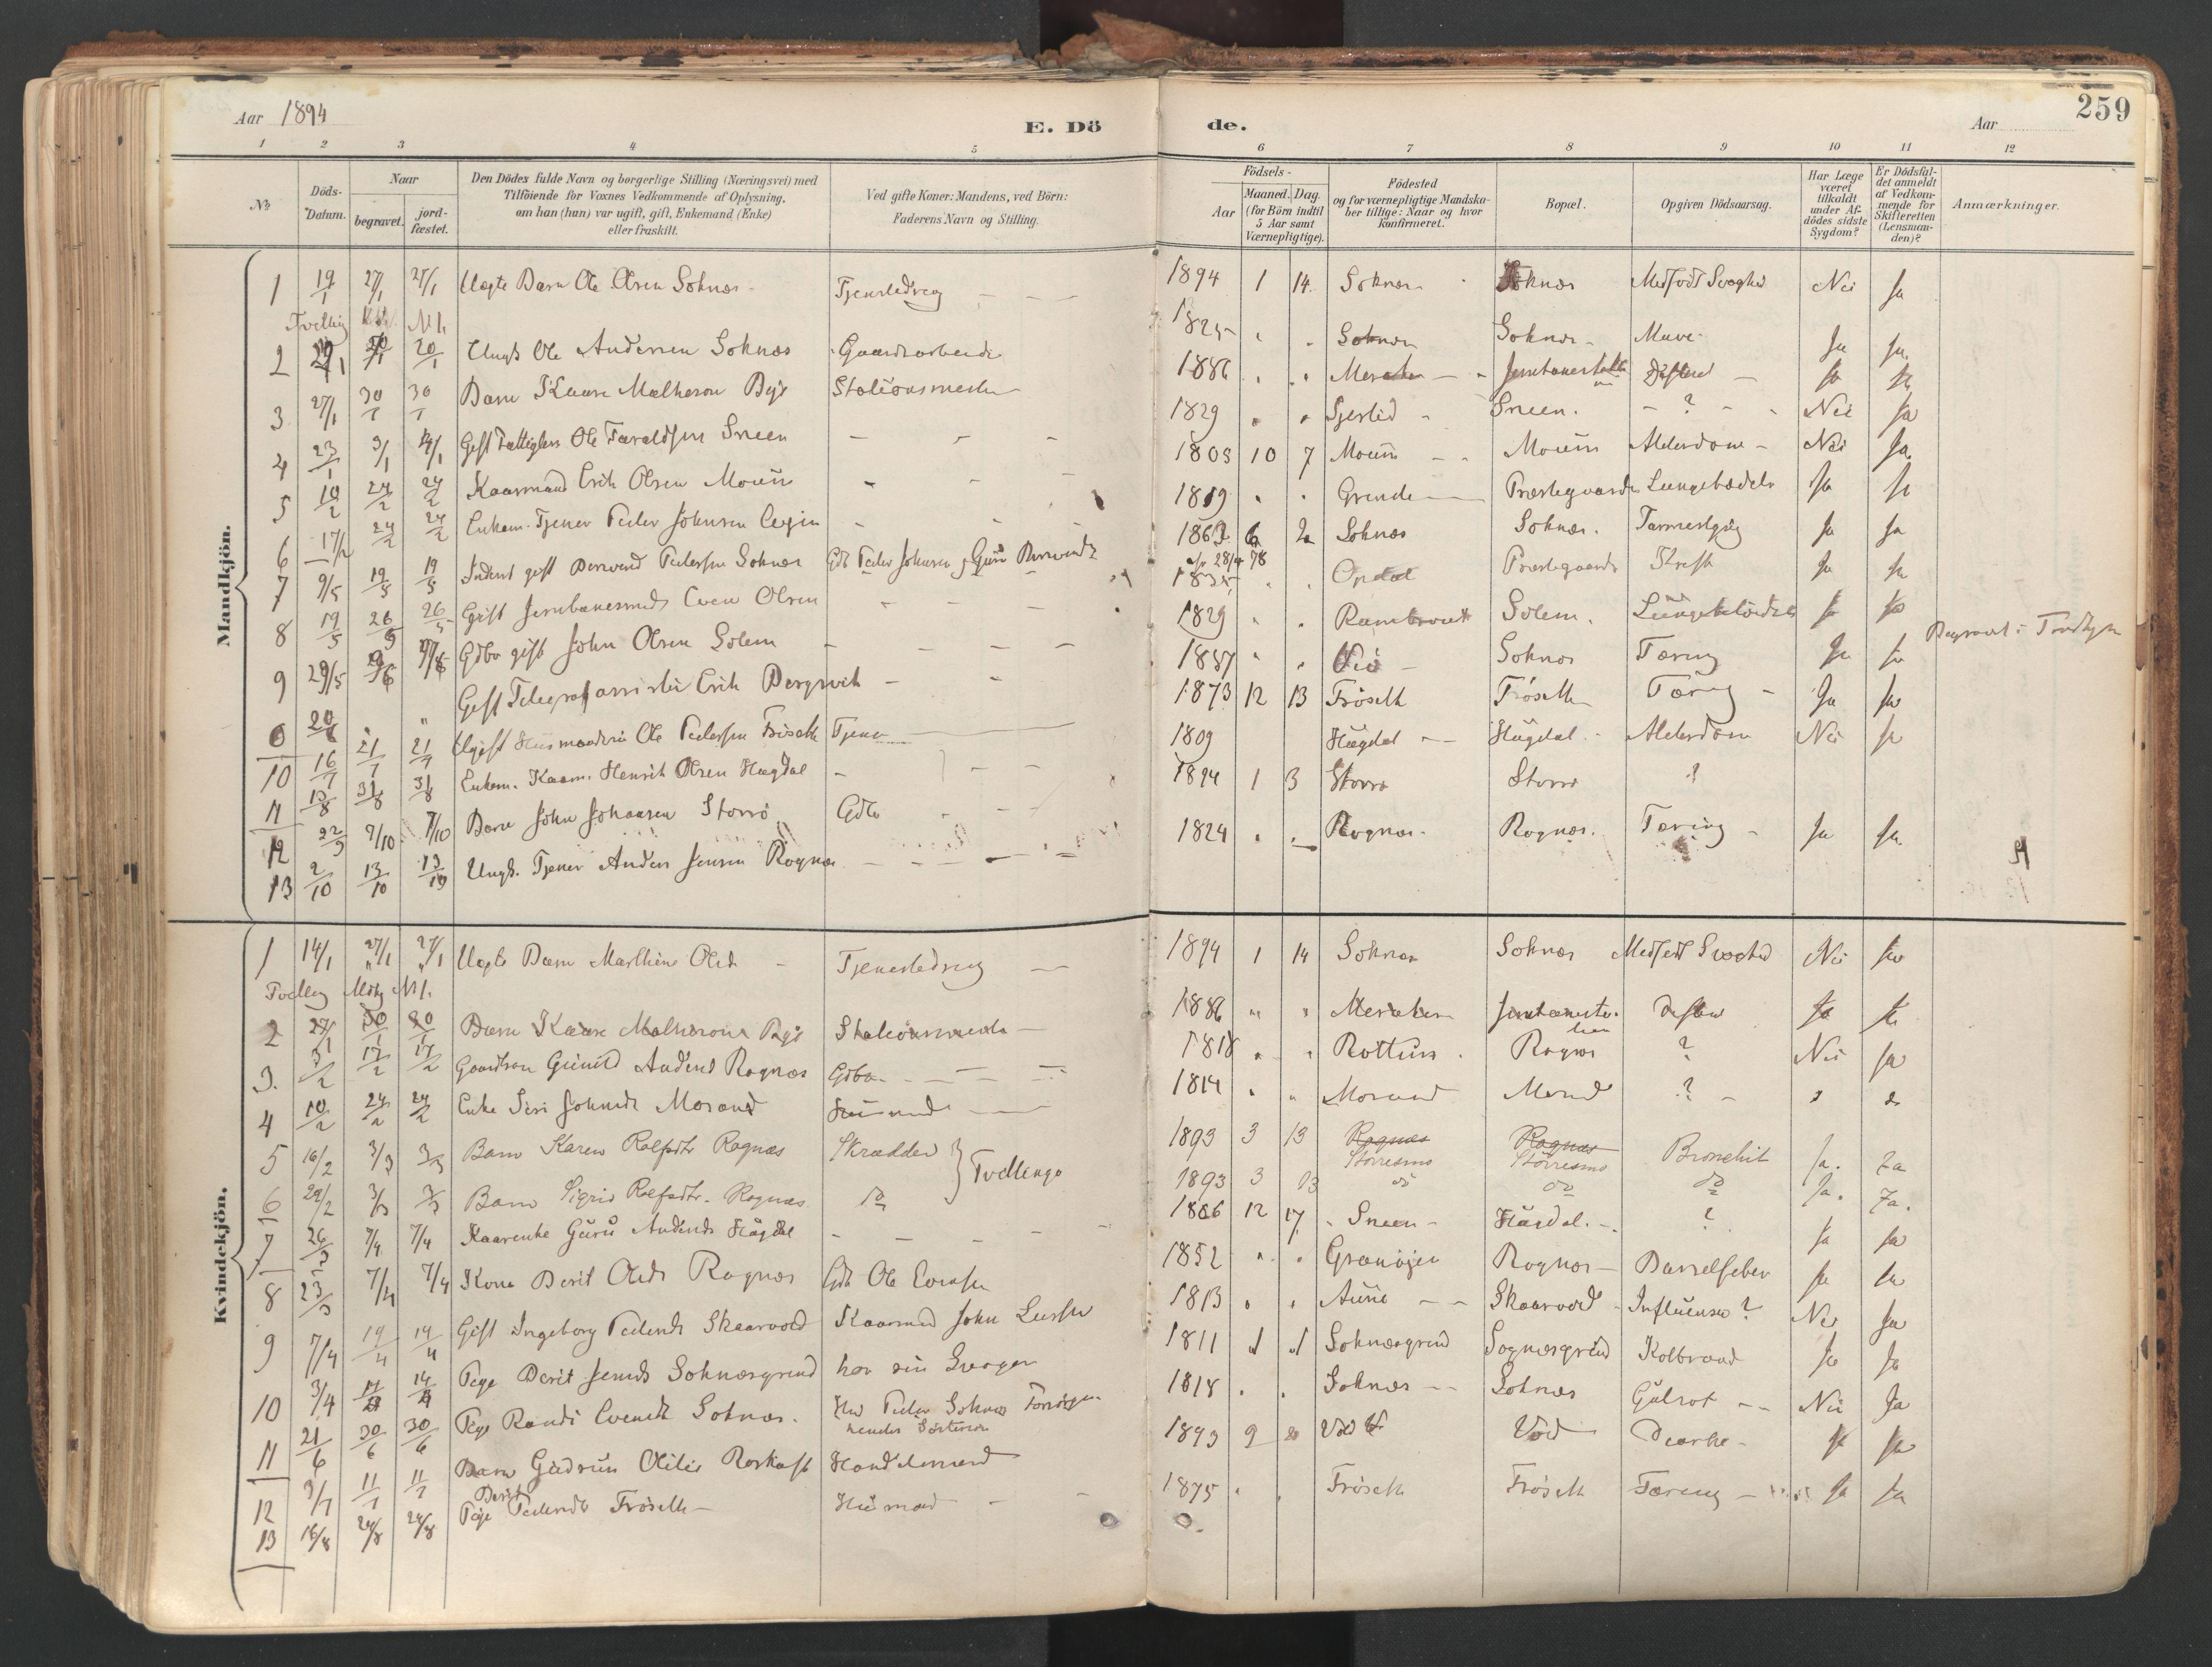 SAT, Ministerialprotokoller, klokkerbøker og fødselsregistre - Sør-Trøndelag, 687/L1004: Ministerialbok nr. 687A10, 1891-1923, s. 259